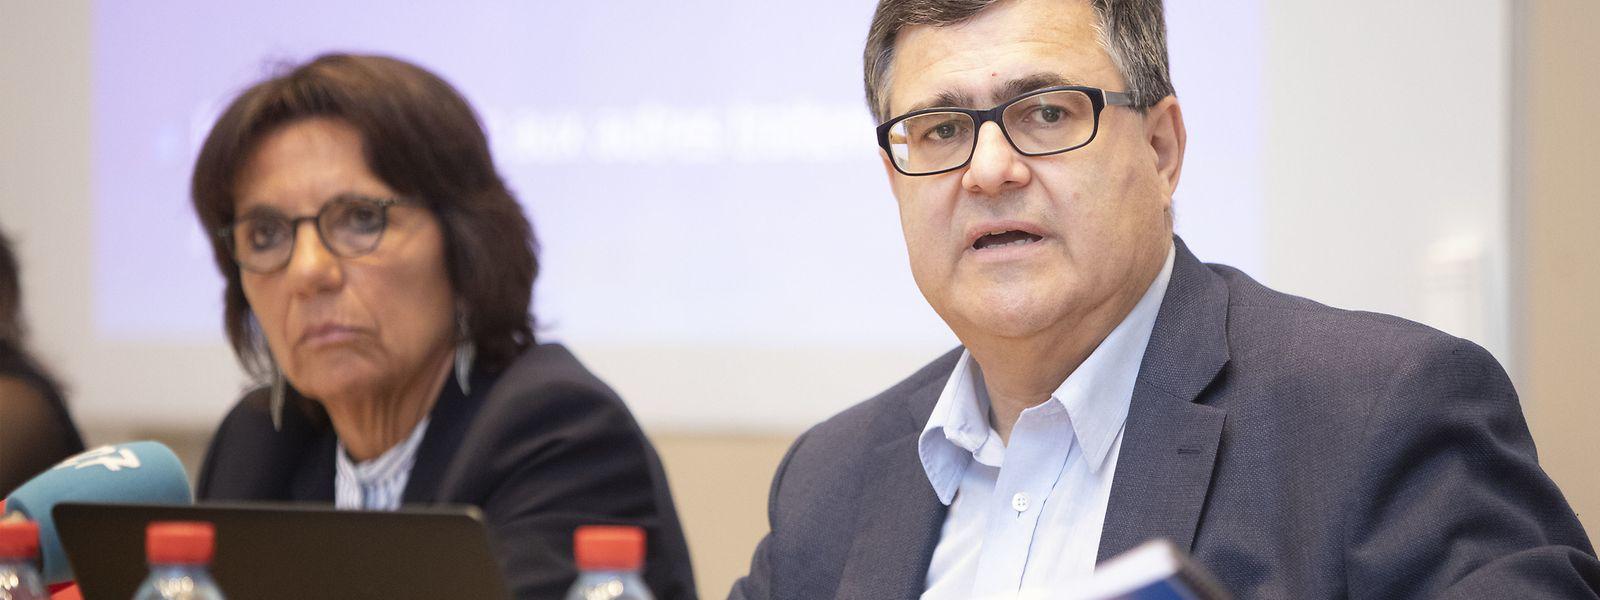 La procureure générale Martine Solovieff et son adjoint Jeannot Nies ont pris position vendredi dans le débat sur la protection des données.